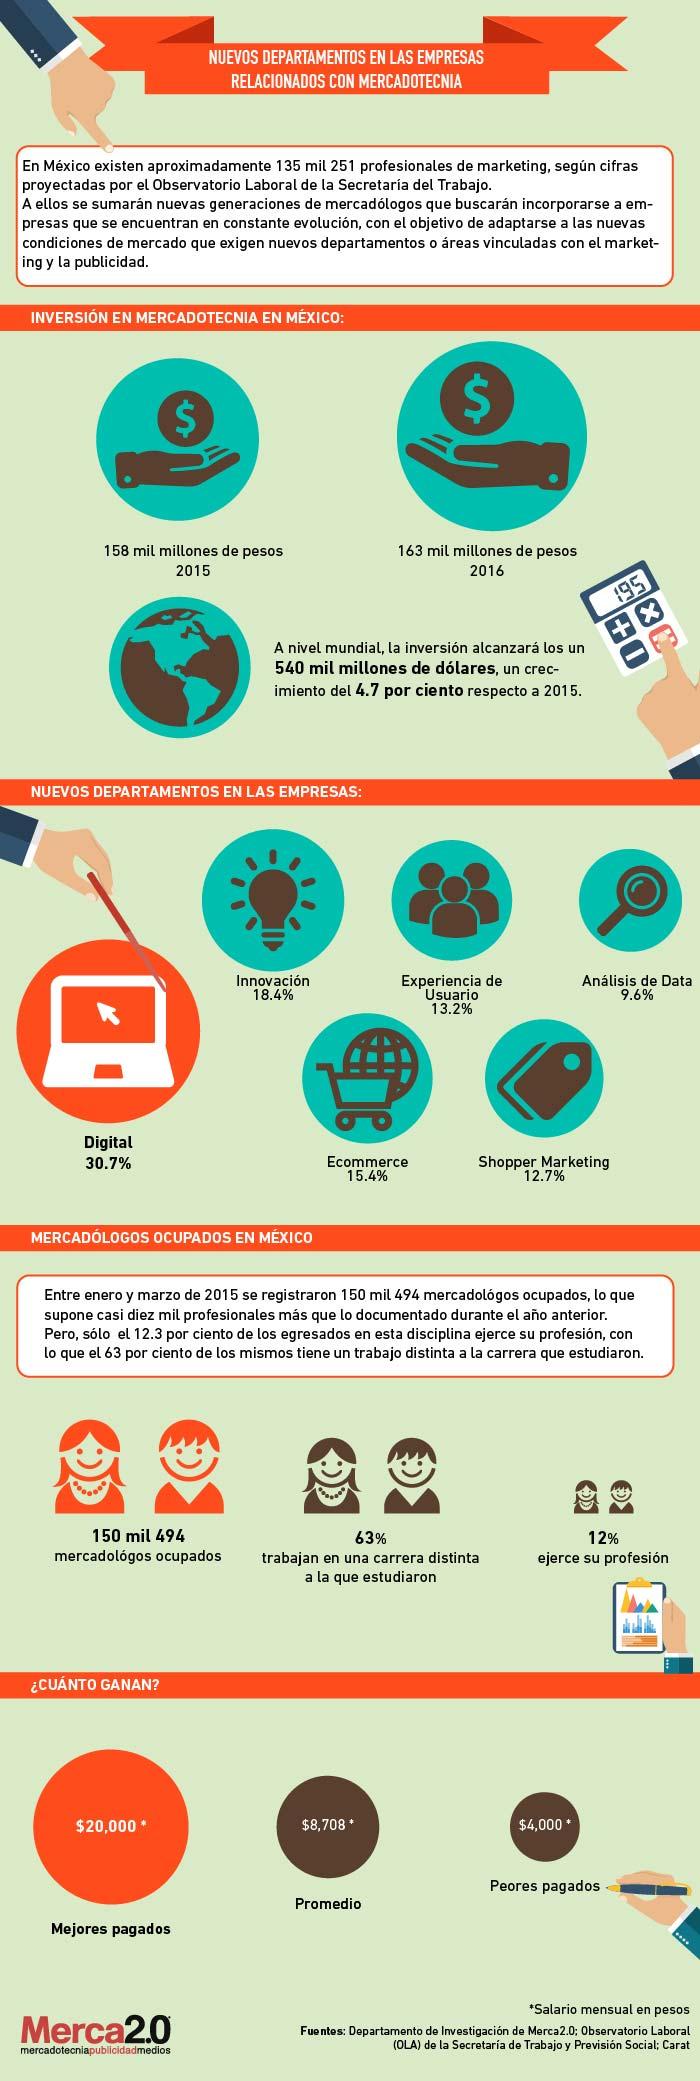 Profesionales del Marketing en México